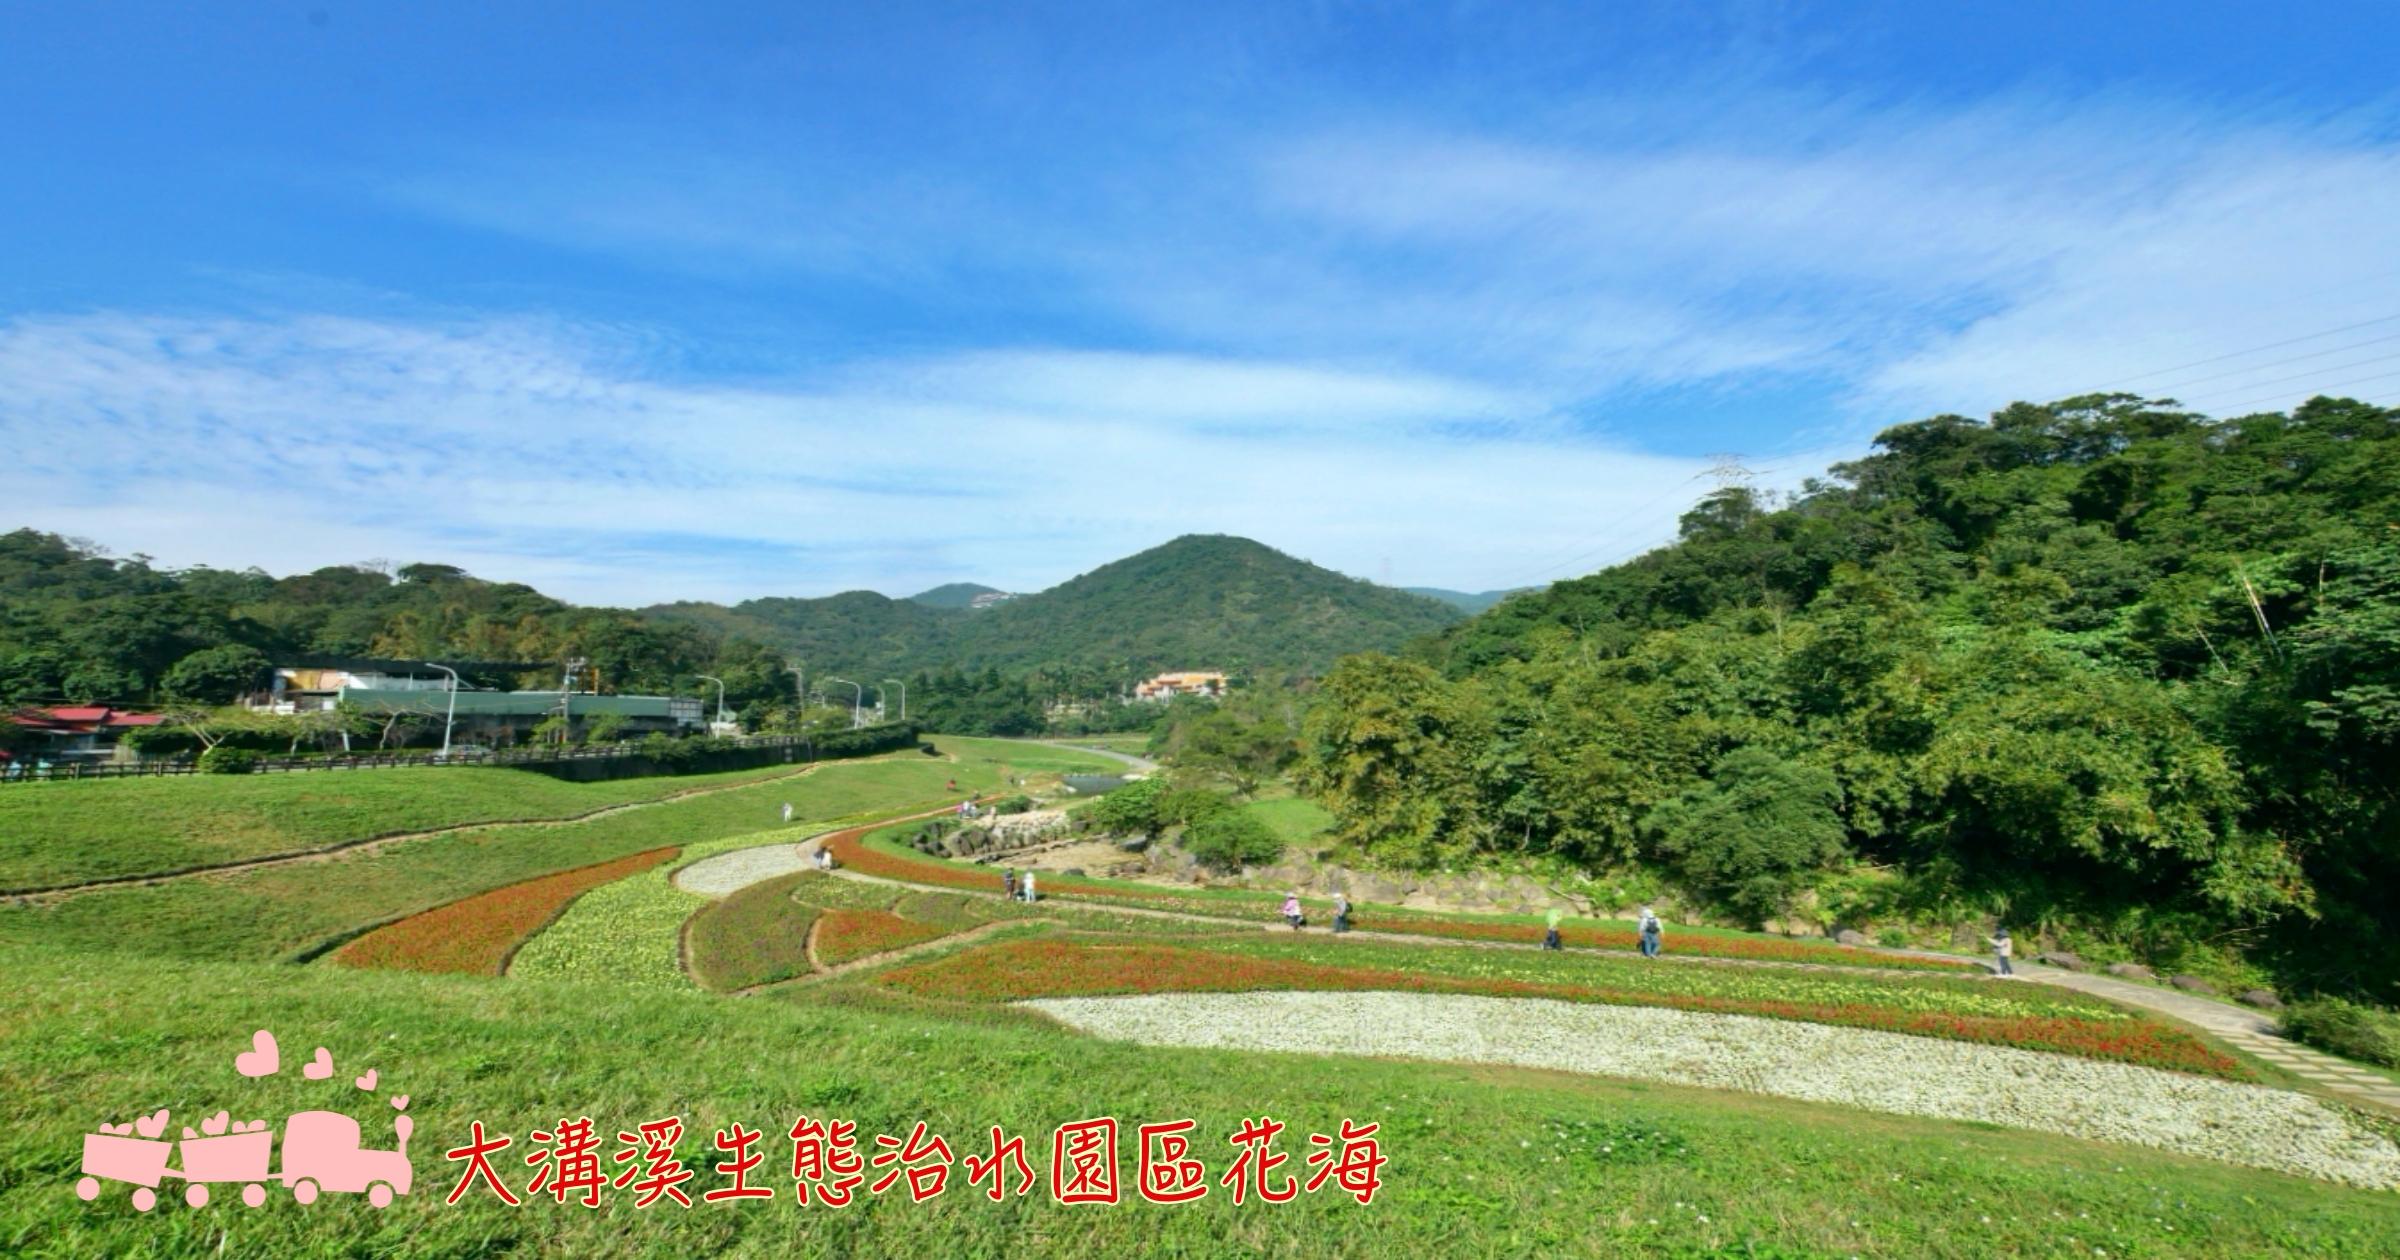 網站近期文章:[台北旅遊]大溝溪生態治水園區|農曆年前的萬株花海~彩色花毯與鯉魚山形成如畫般美景